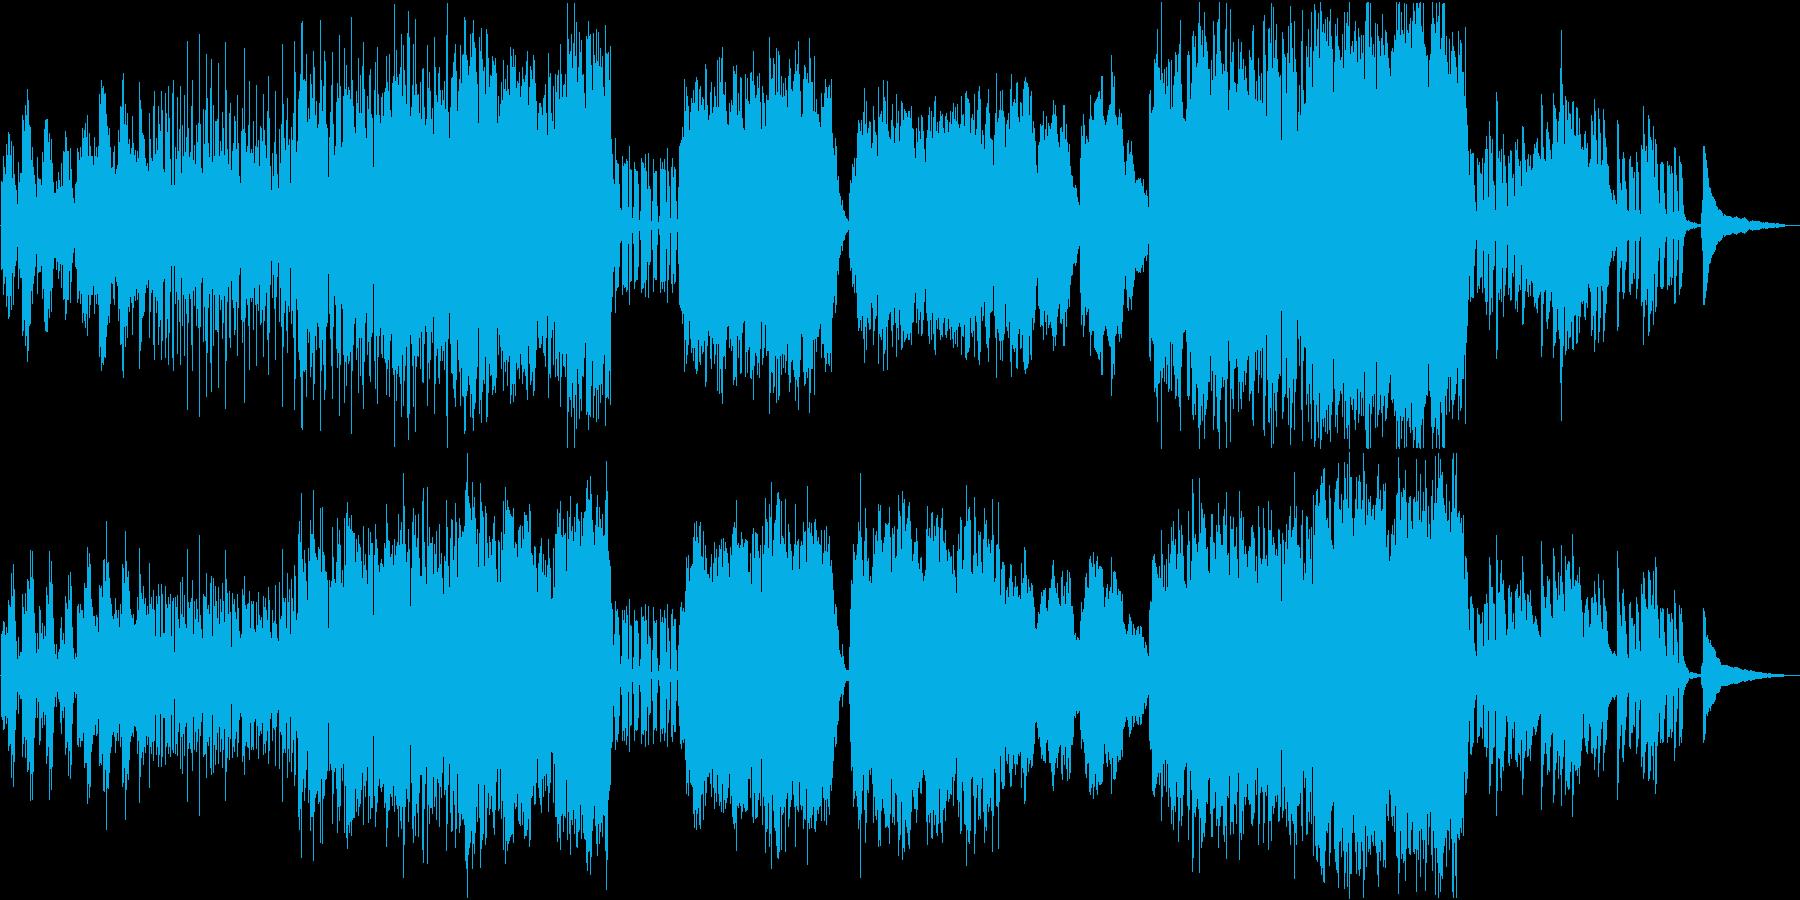 生演奏チェロ 渋めのバラードポップスの再生済みの波形